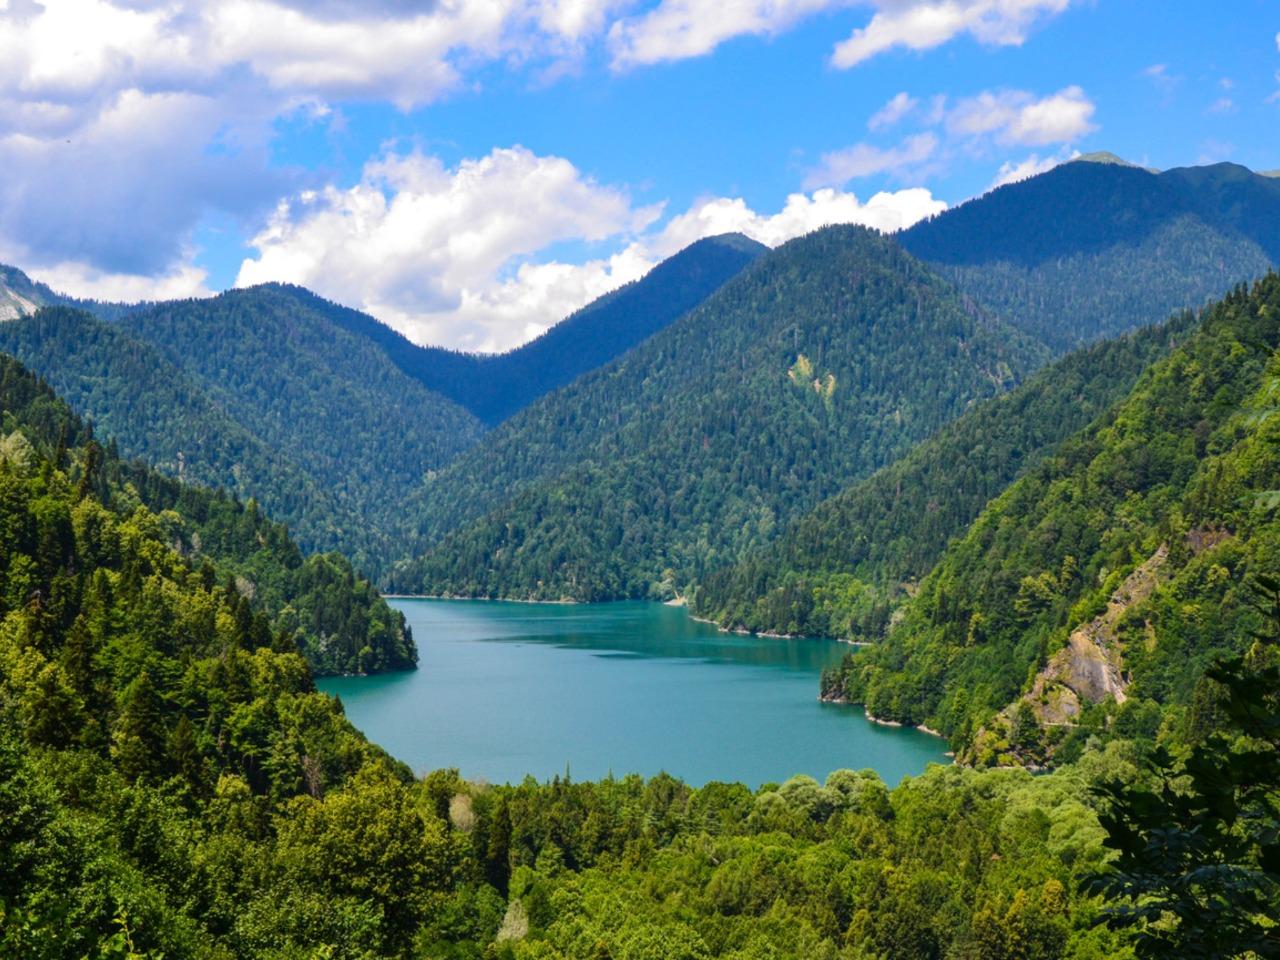 Озеро Рица - зеркало души - индивидуальная экскурсия в Сочи от опытного гида